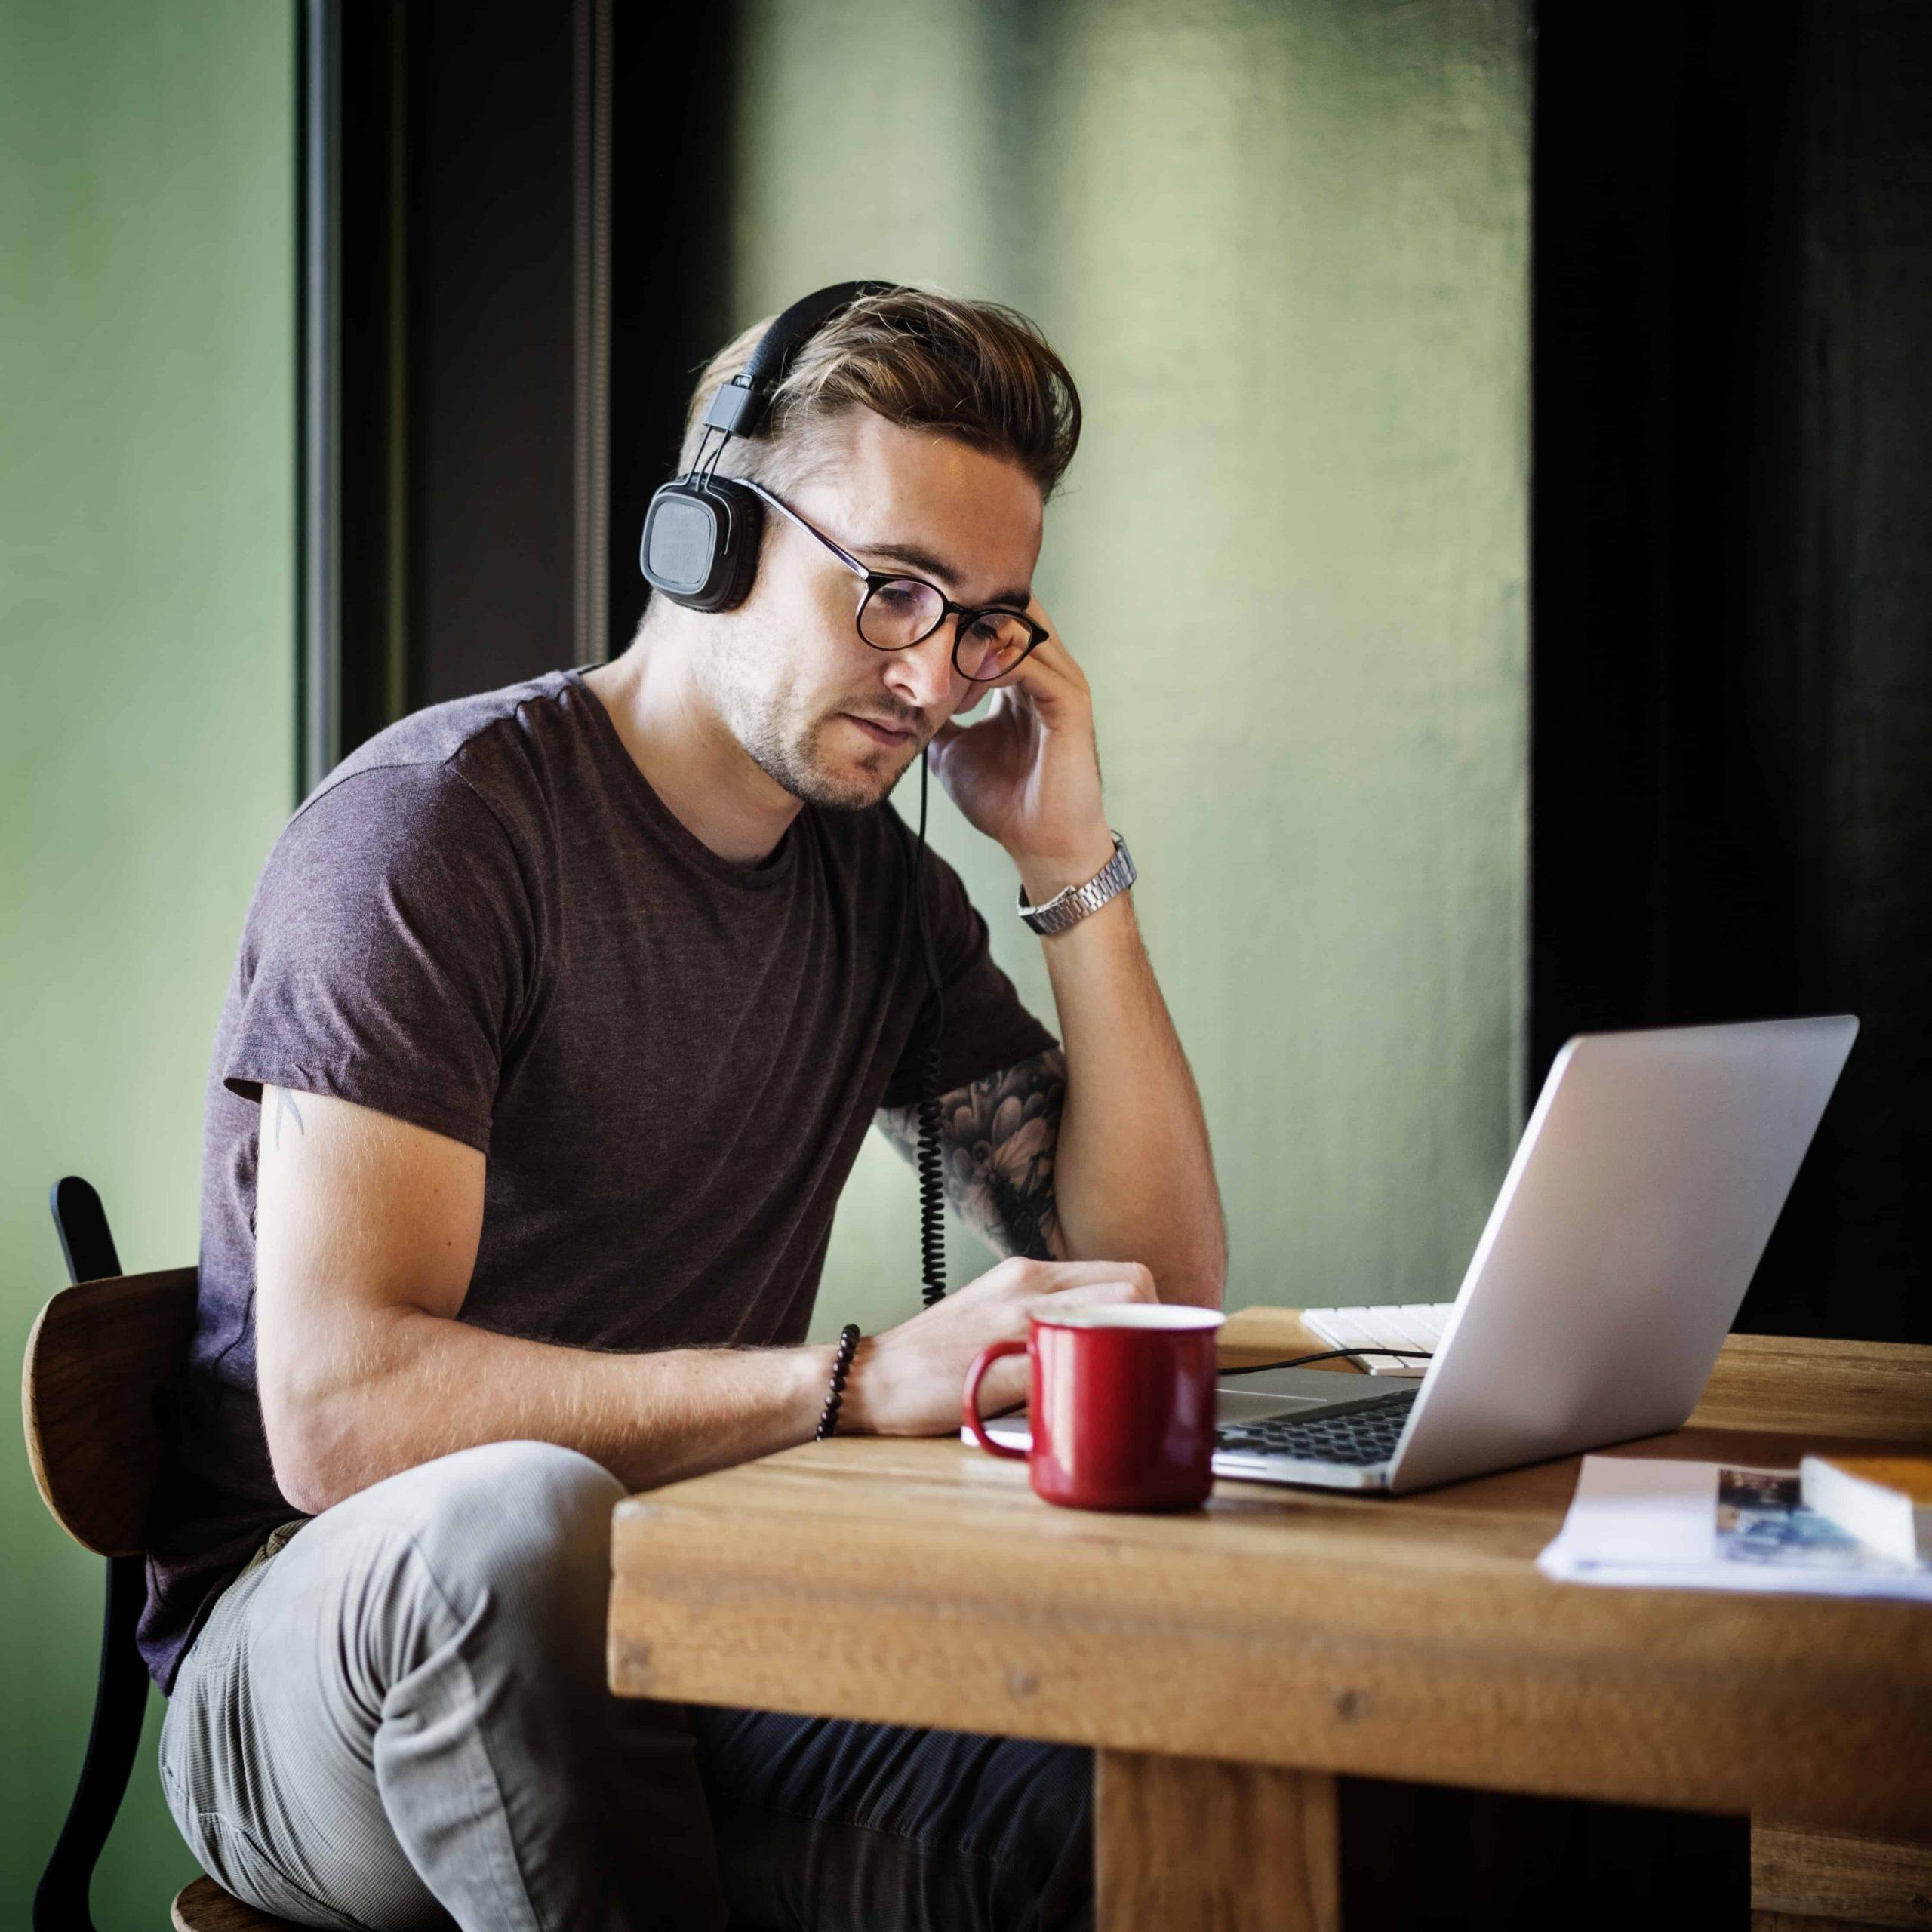 CSLP Online Education for financial advisors